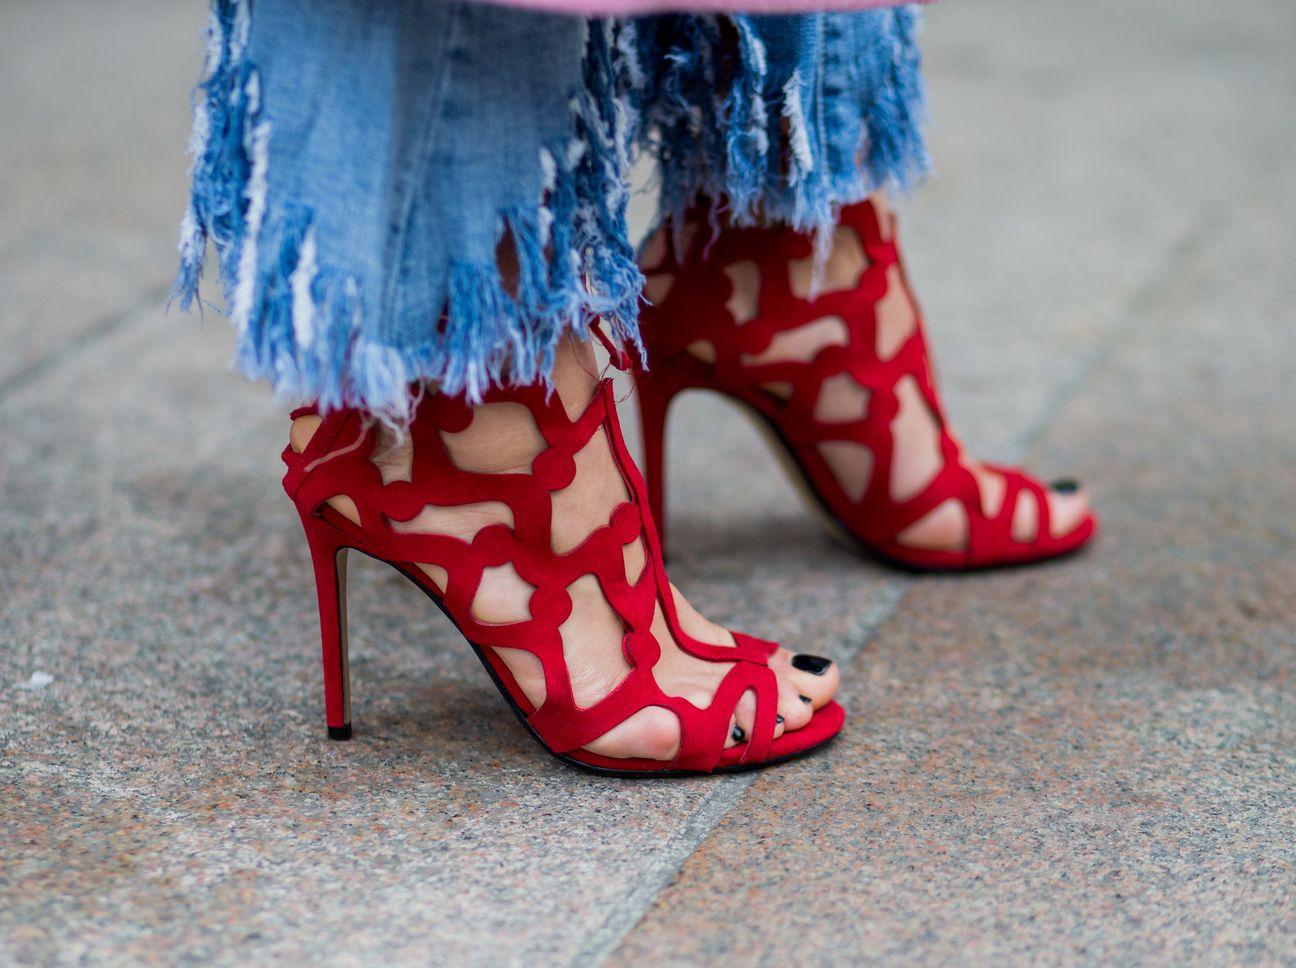 Breite Fusse Das Sind Die Besten Sandalen Zum Shoppen Schuhe Fur Breite Fusse Fusse Stockelschuhe